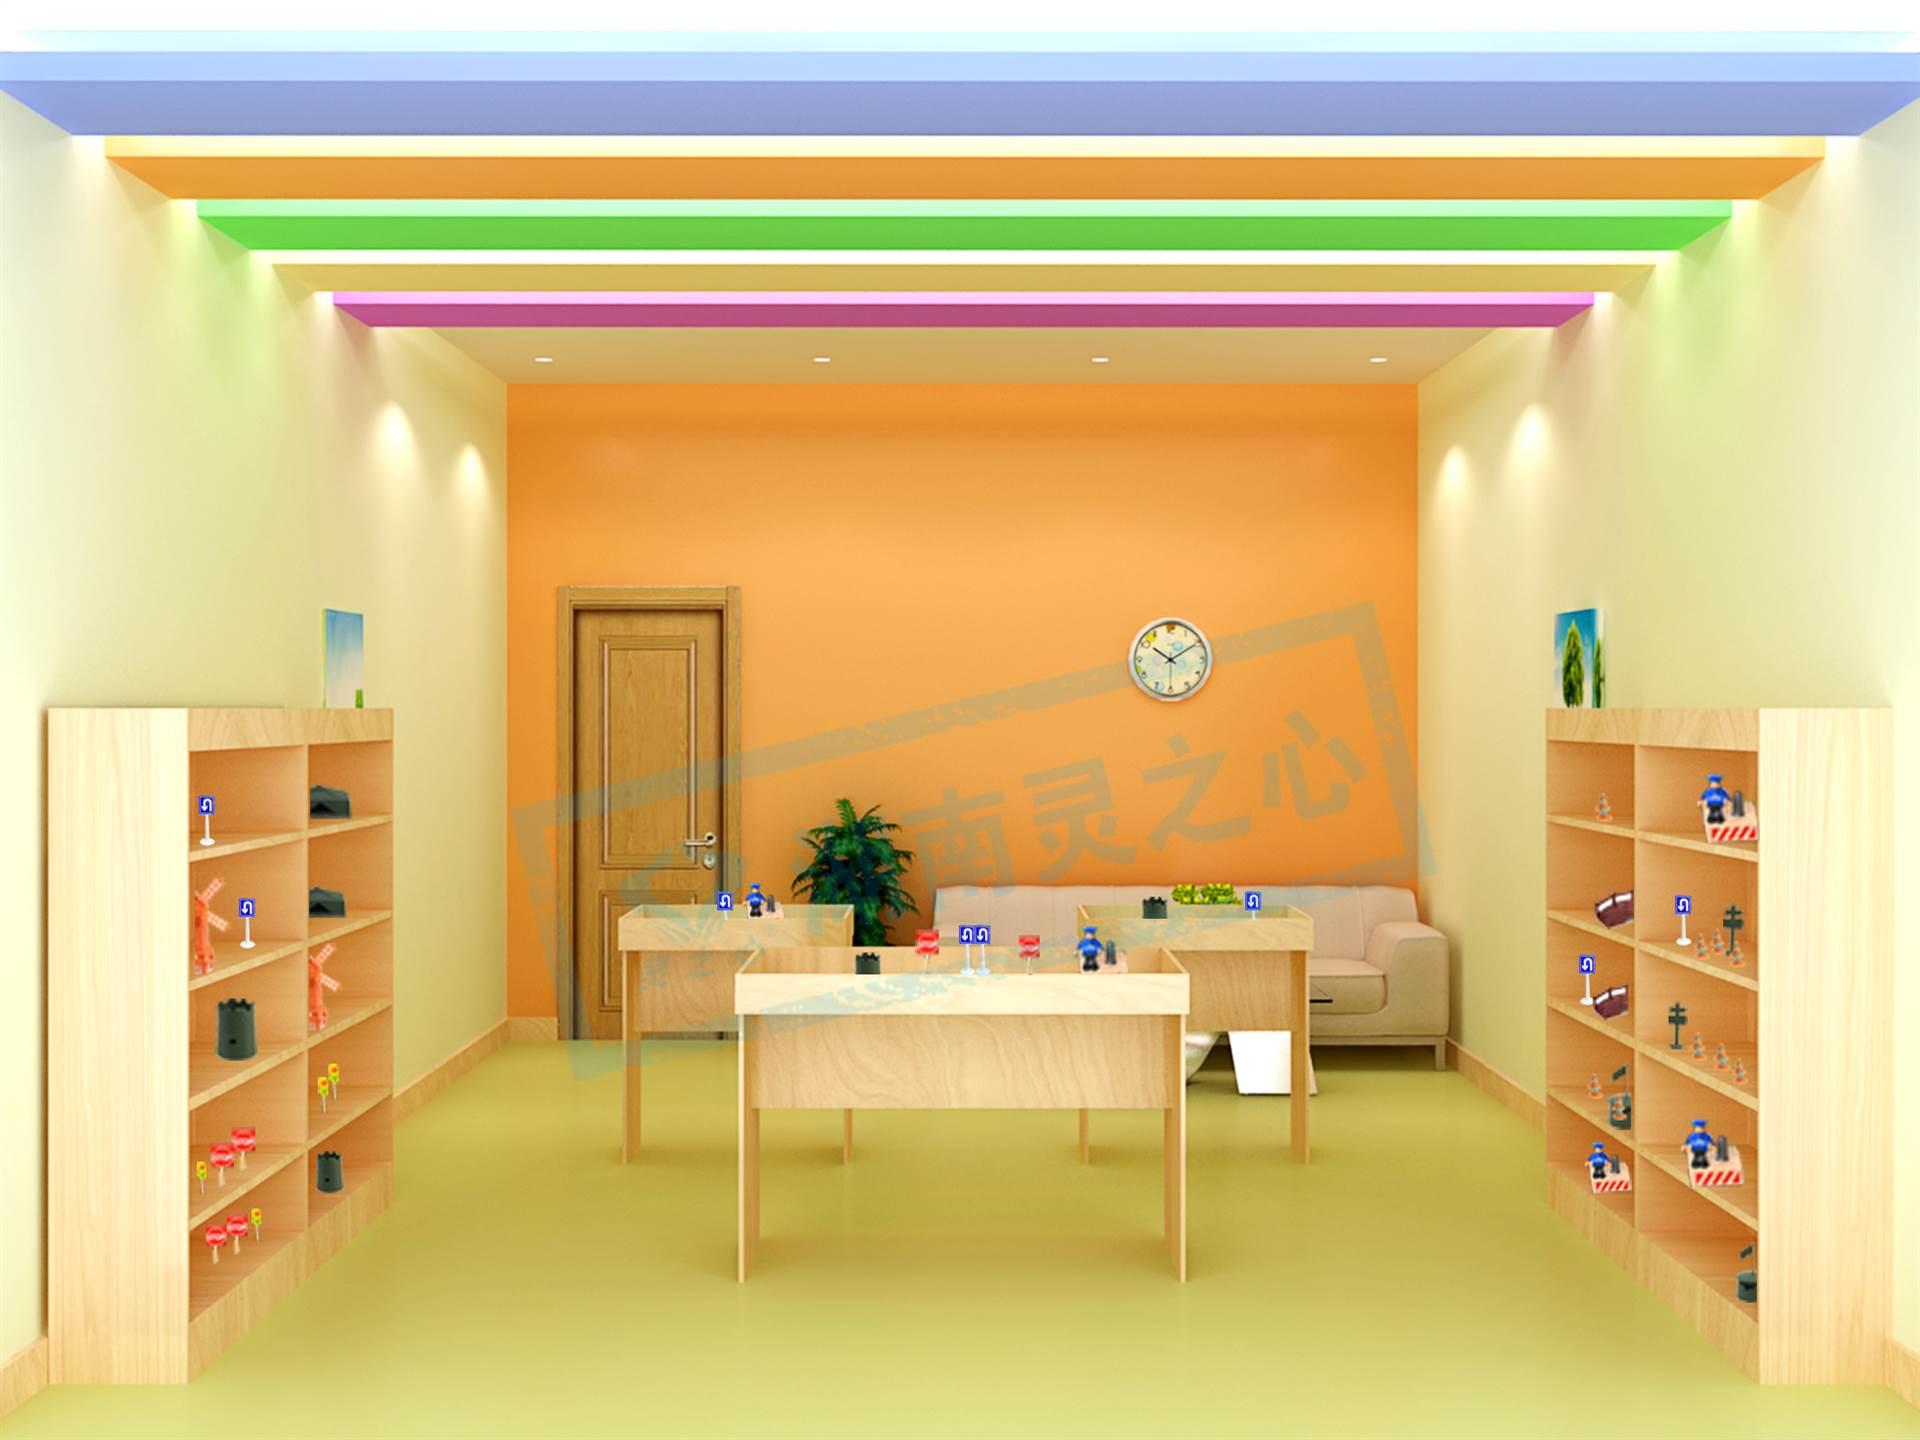 心理咨询室心理沙盘沙具模型系统